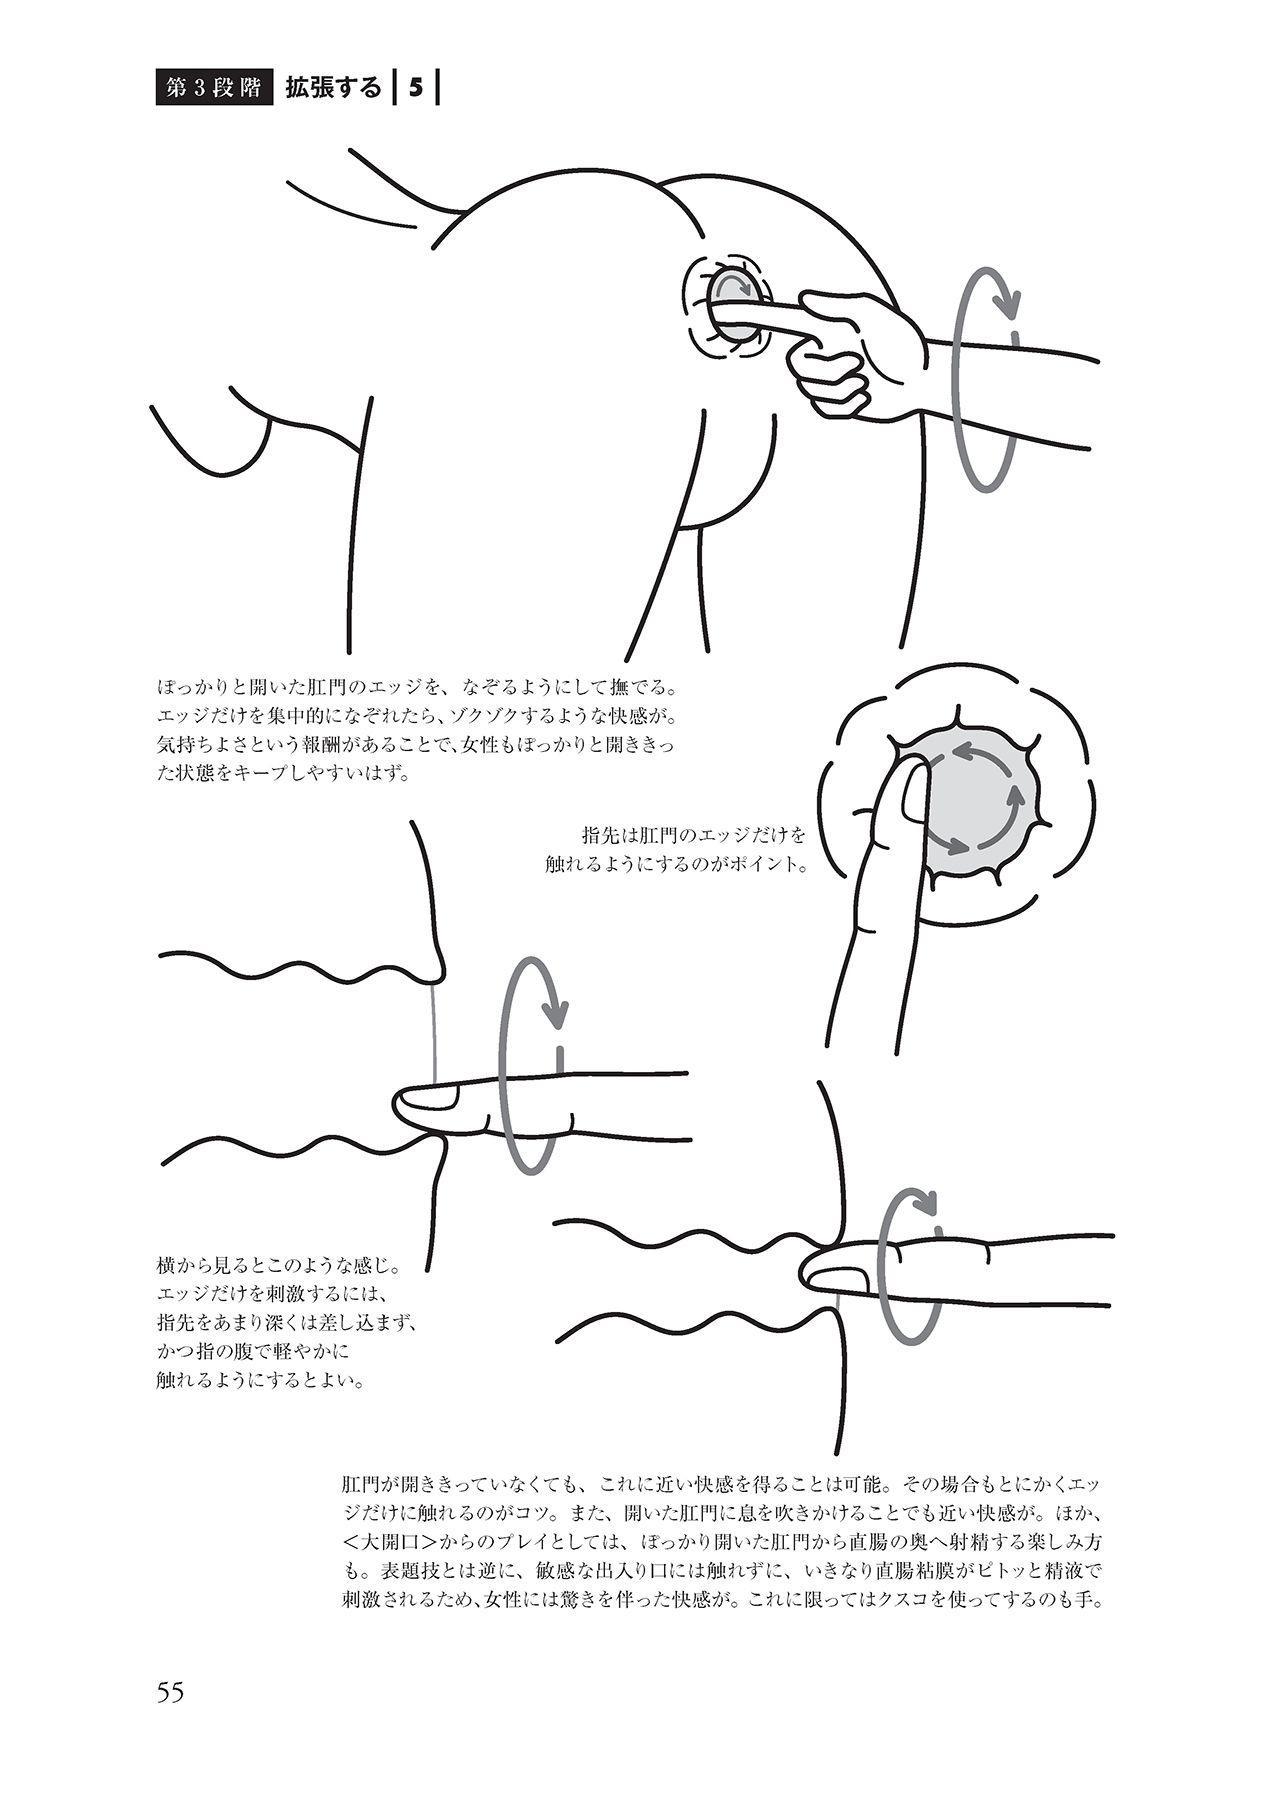 アナル性感開発・お尻エッチ 完全マニュアル 56